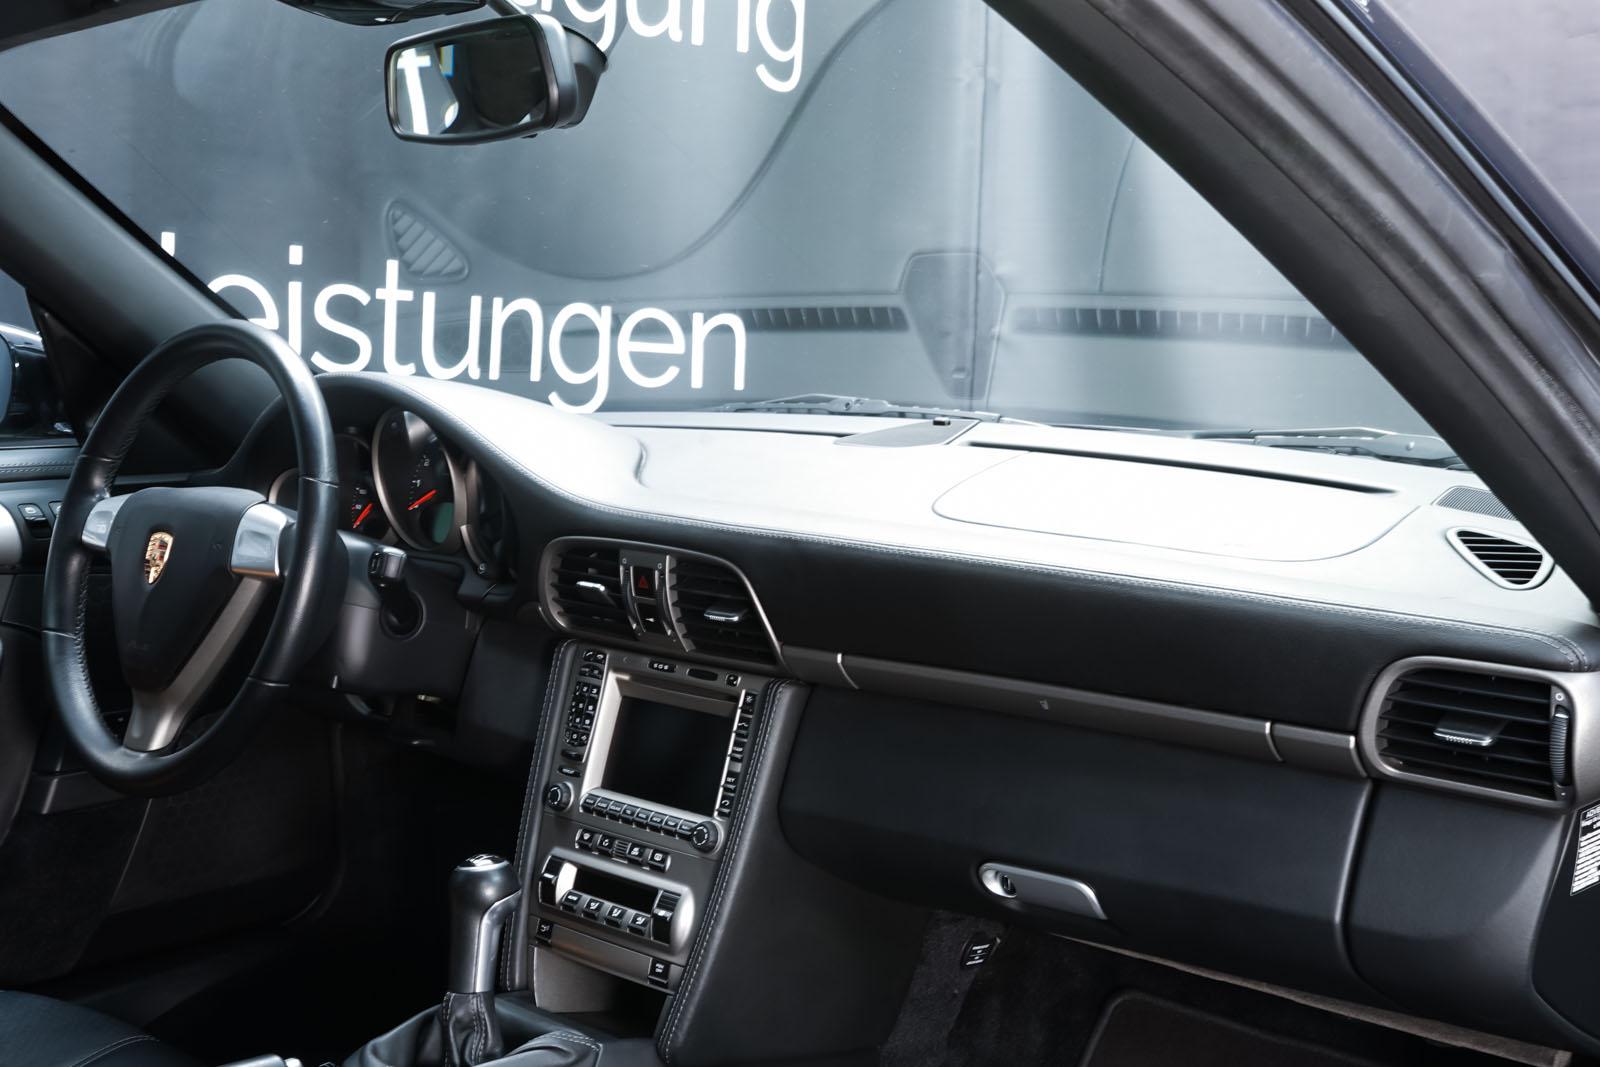 Porsche_997_C2_Schwarz_Schwarz_POR-3384_17_w